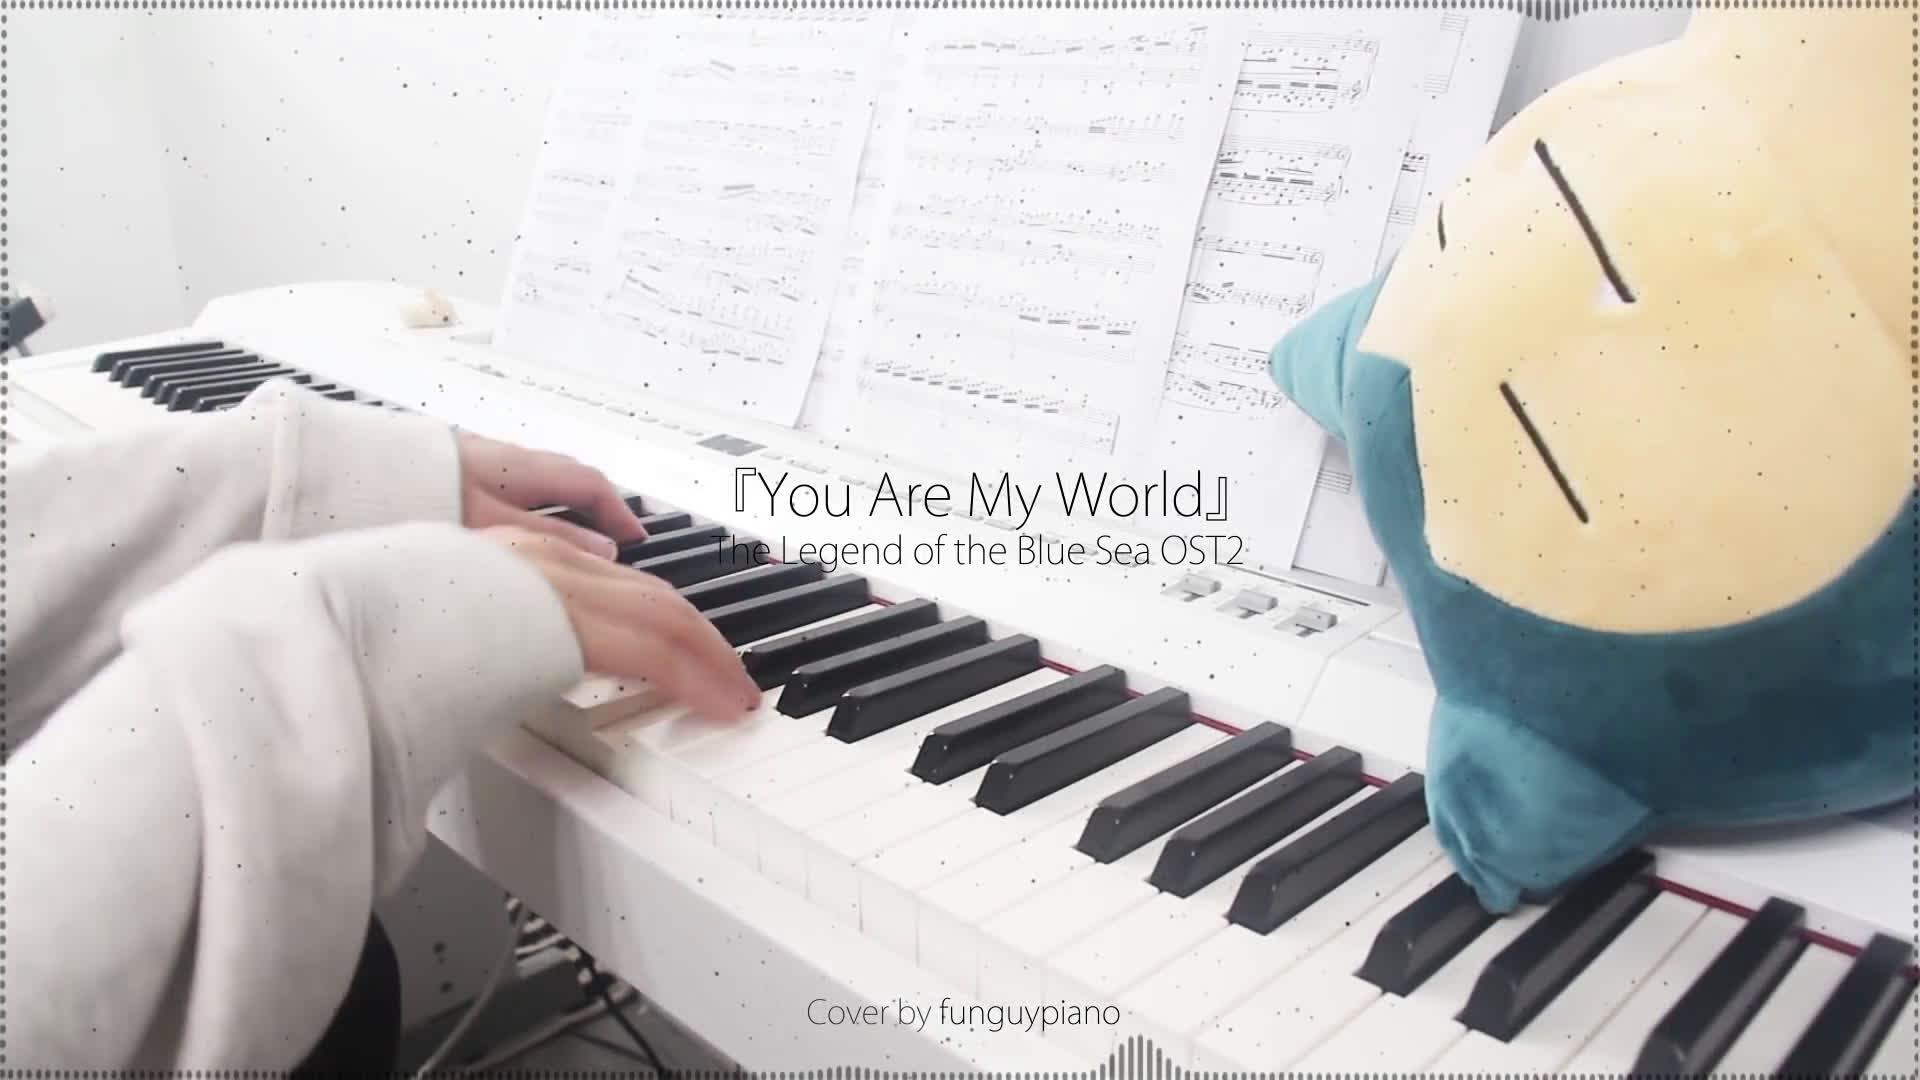 蓝色海洋的传说 OST2 - You Are My World- 钢琴版